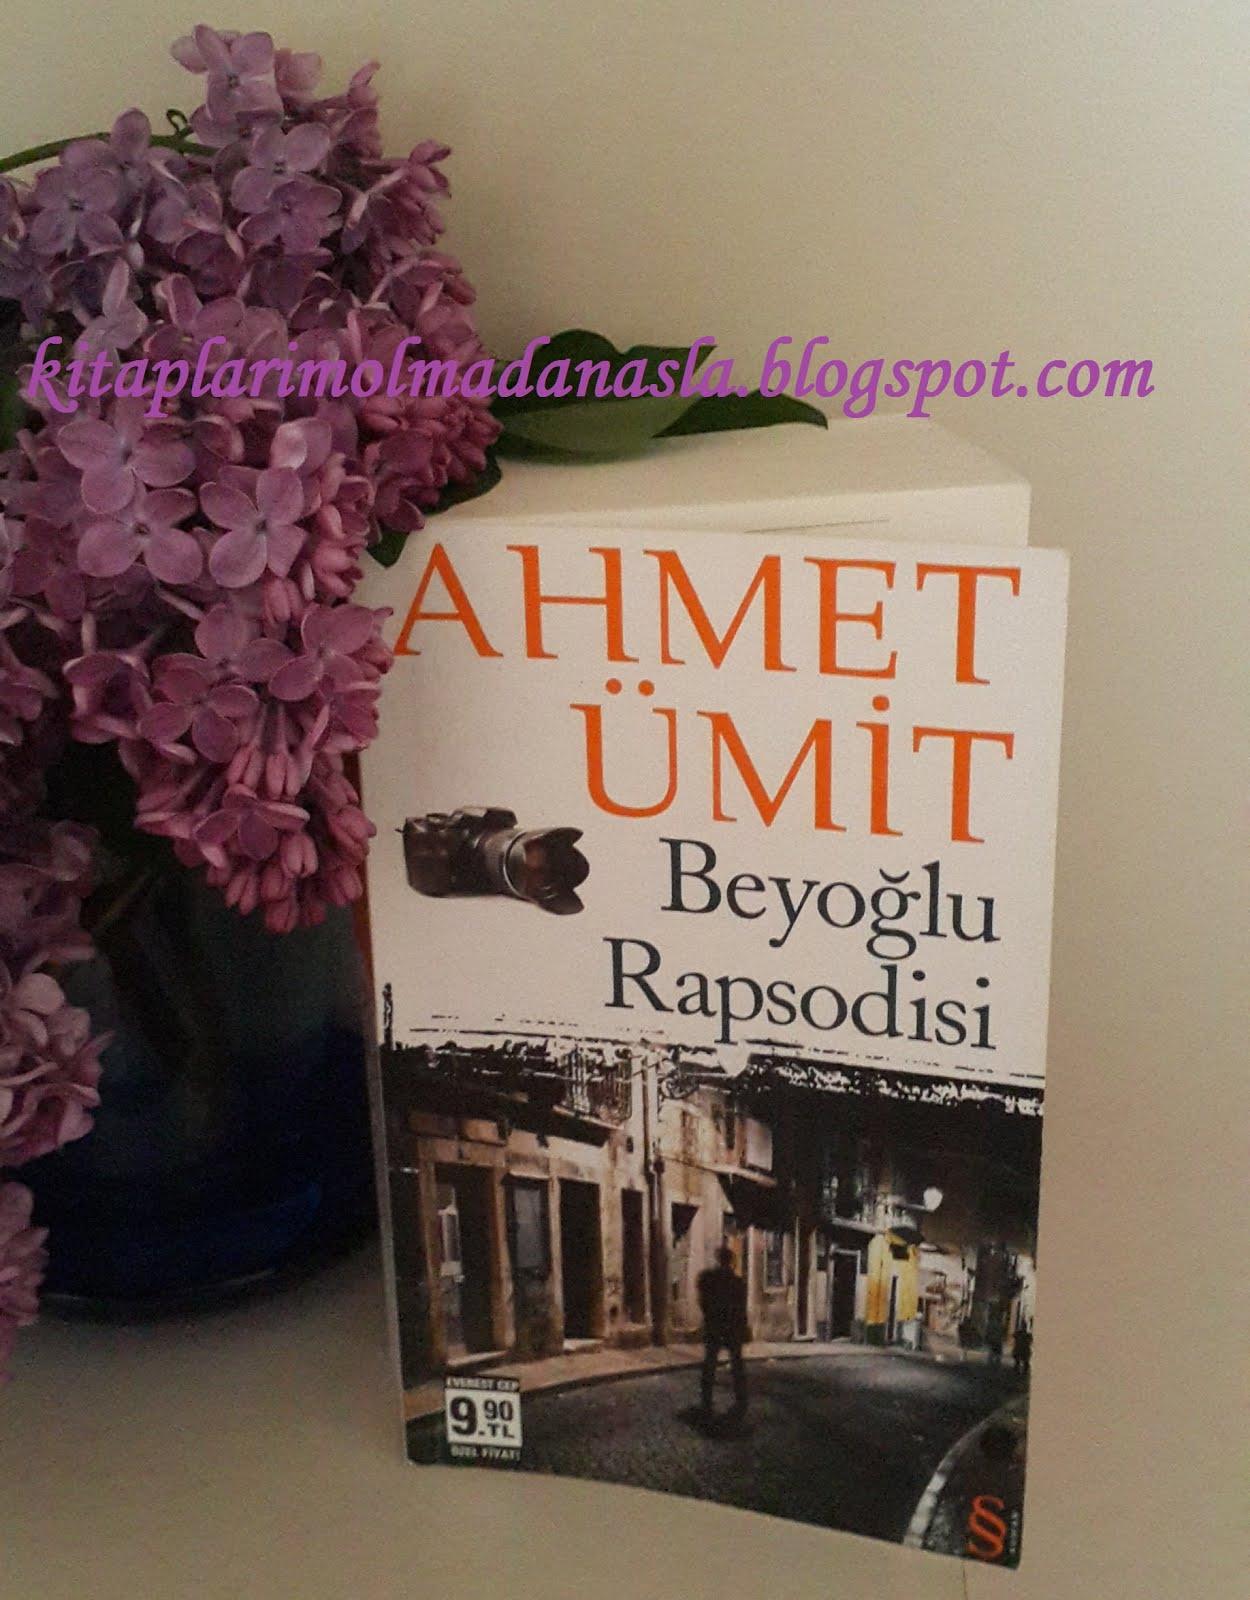 AHMET ÜMİT - BEYOĞLU RAPSODİSİ